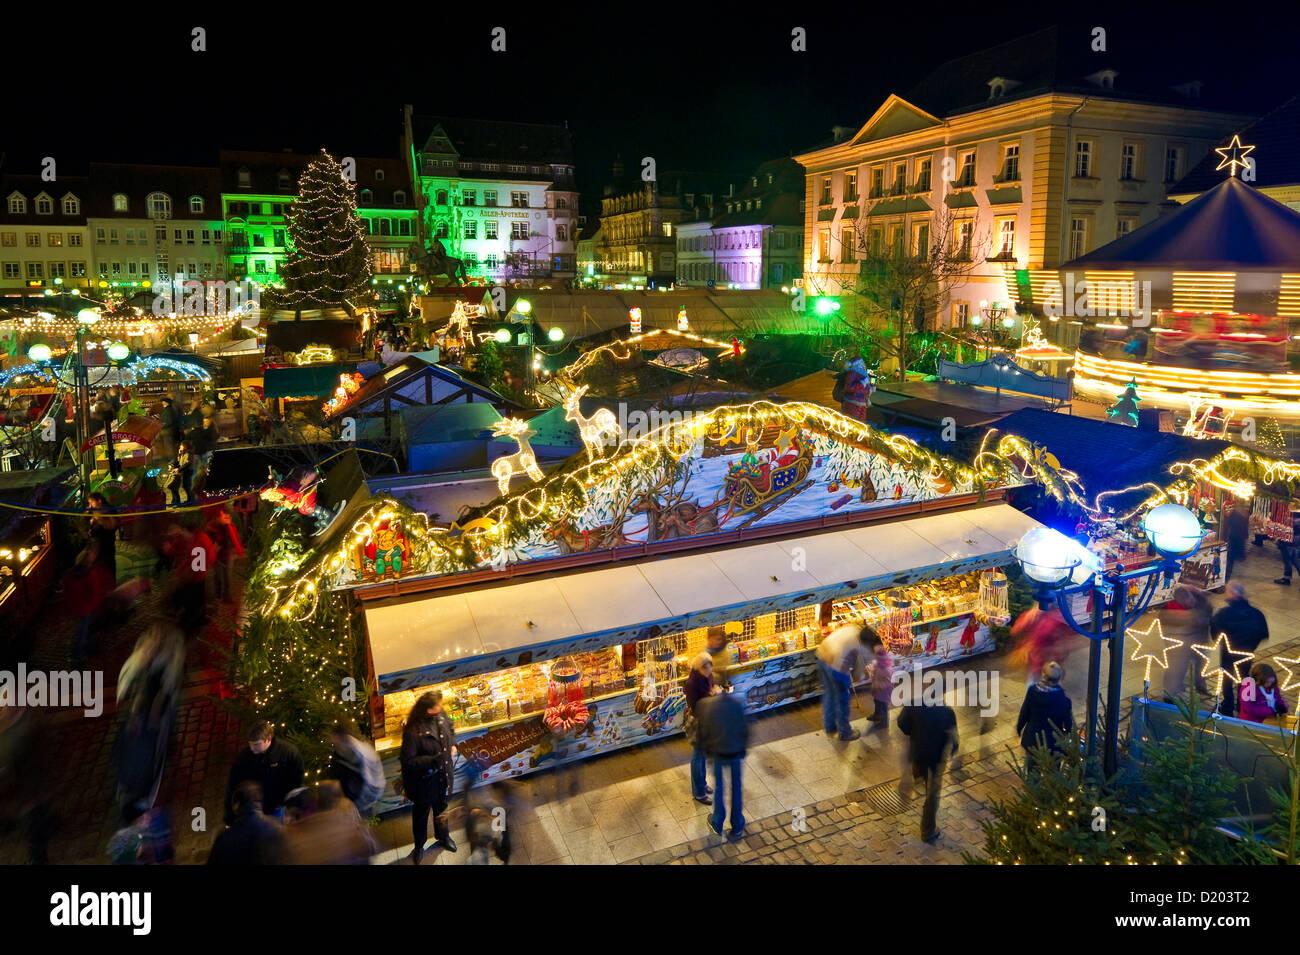 Landau Weihnachtsmarkt.Weihnachtsmarkt Landau Rheinland Pfalz Deutschland